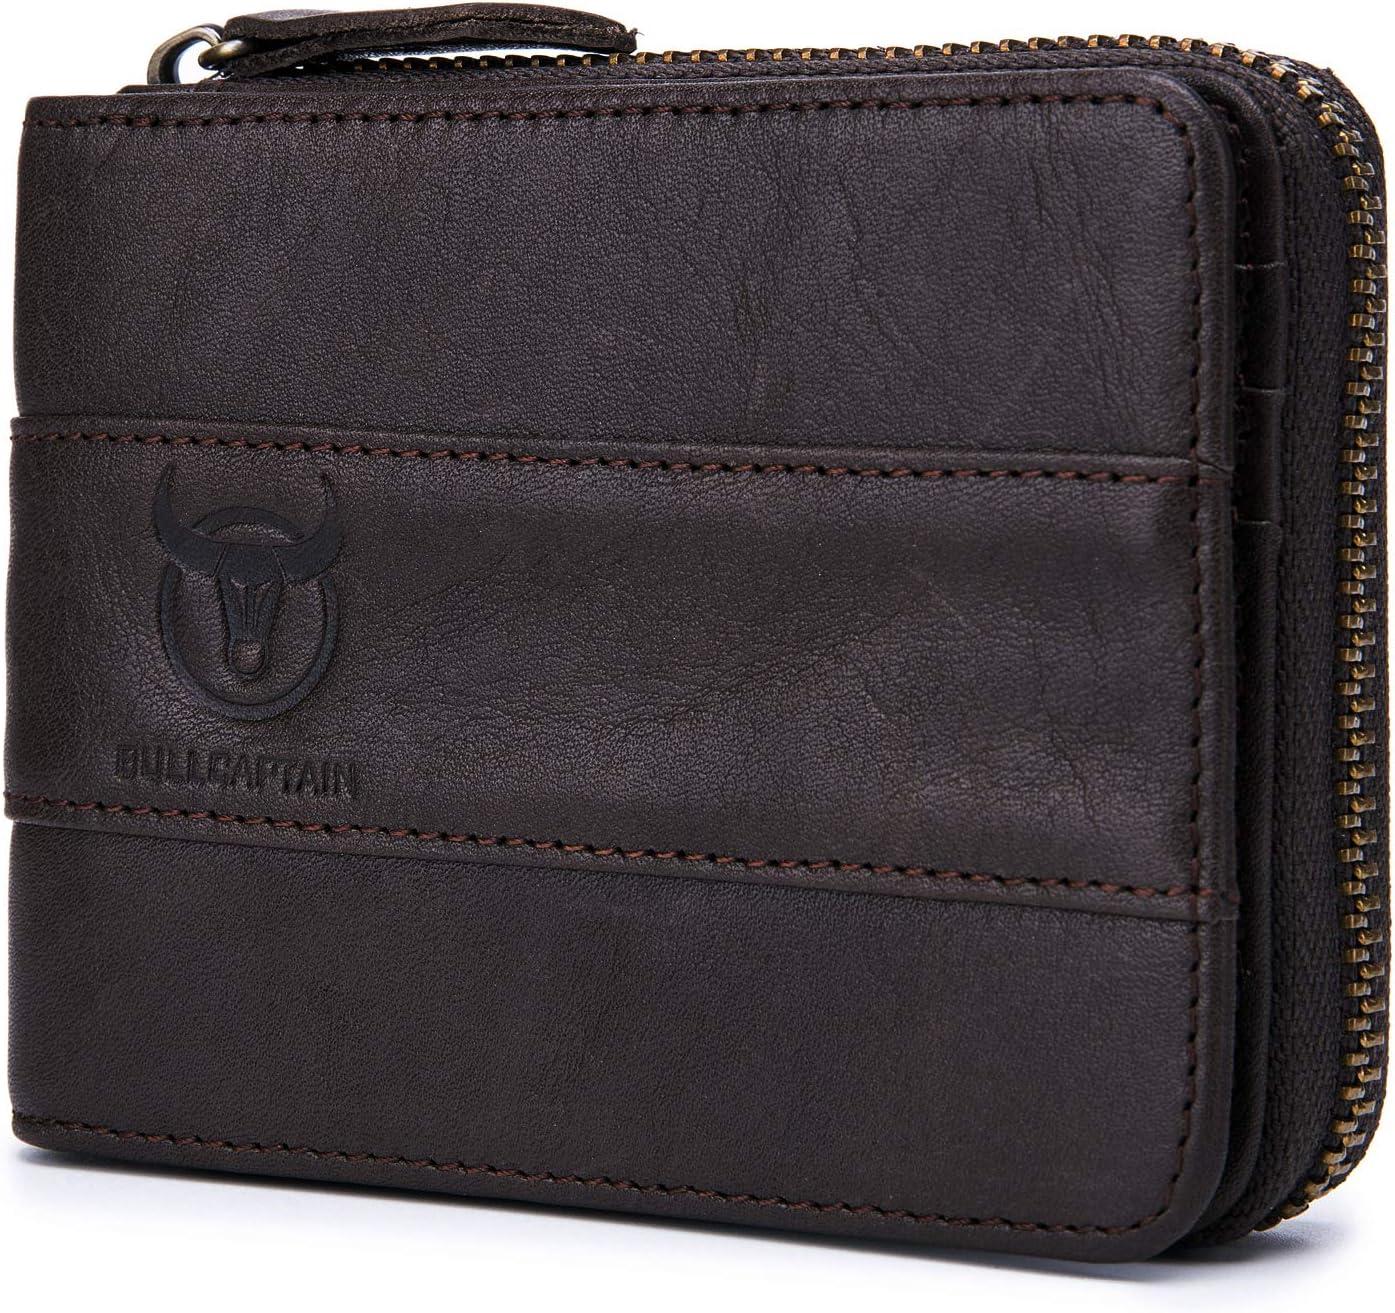 Genuine Leather Wallet for men Zipper RFID Blocking Vintage Bifold Wallets Credit Cards Holder HBK-QB025 (BLACK)